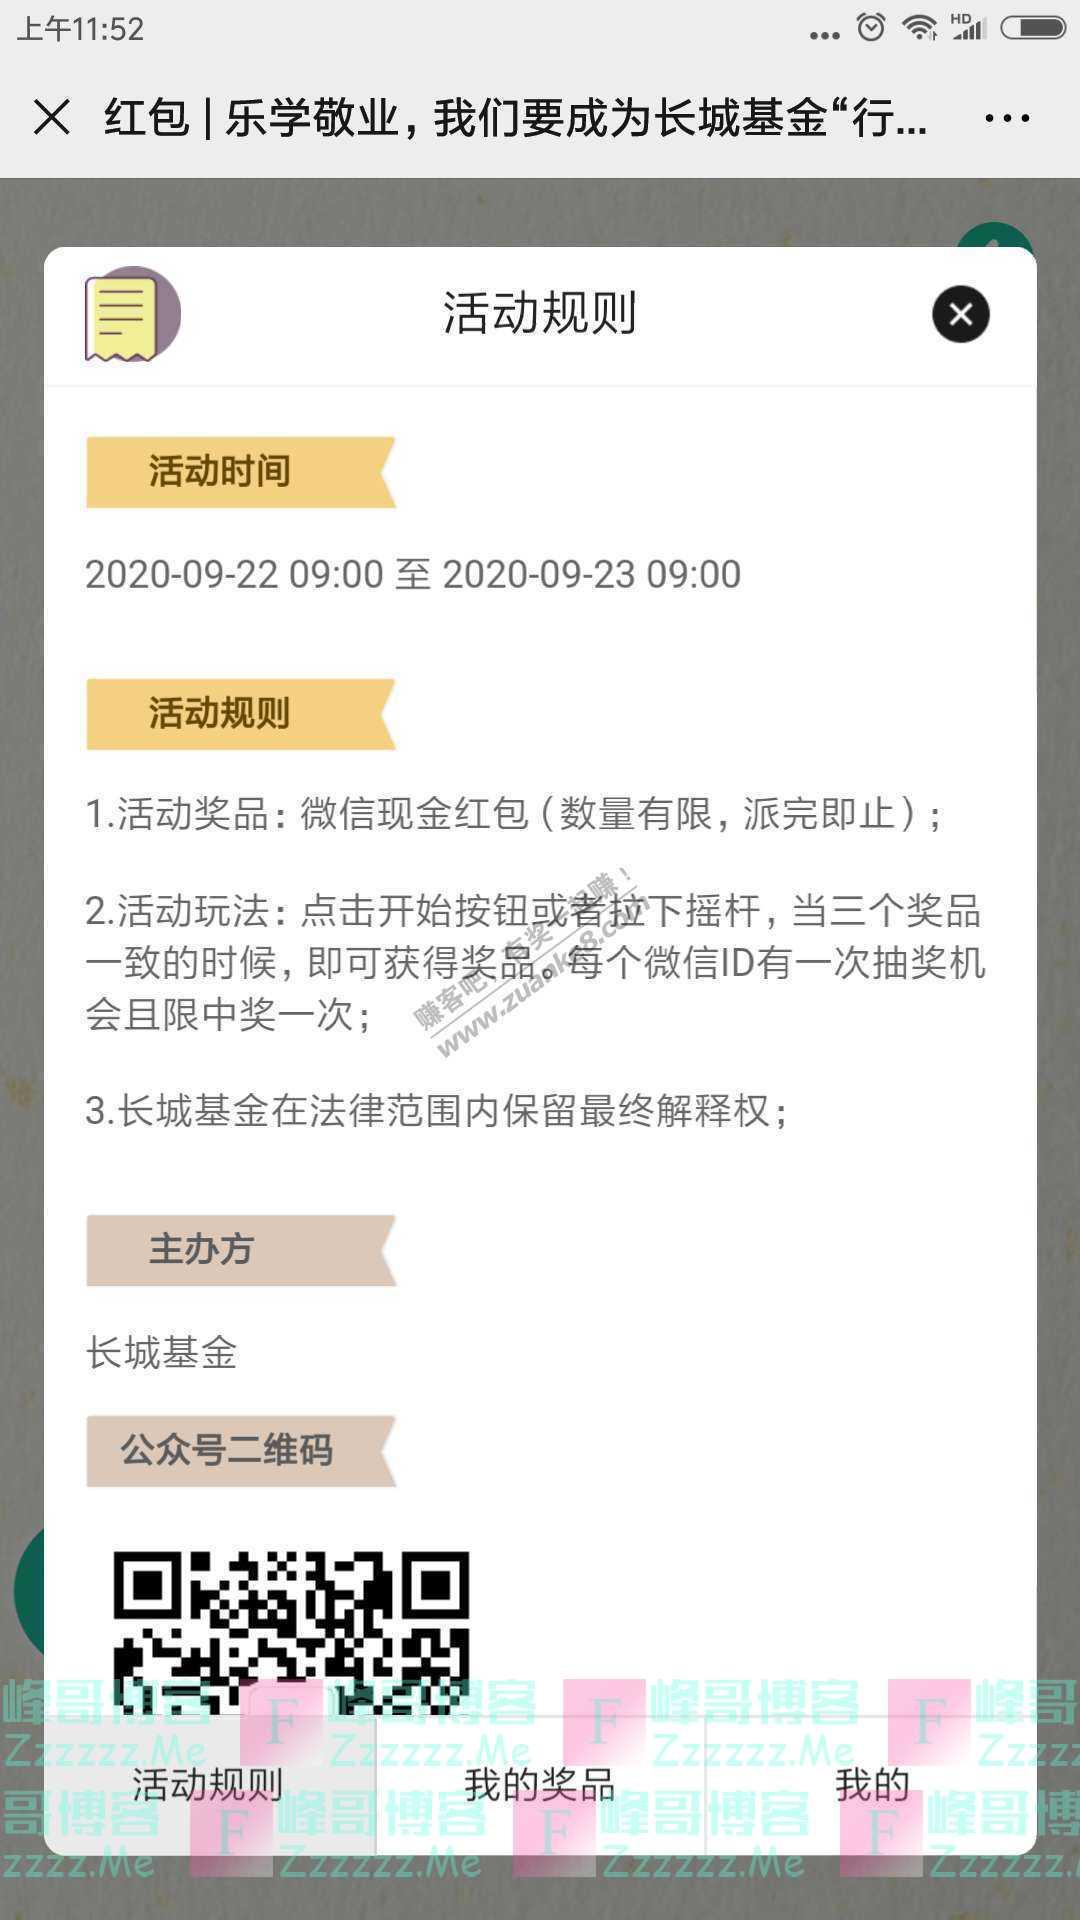 长城基金红包 | 乐学敬业,我们要成为长城基金(截止9月23日)